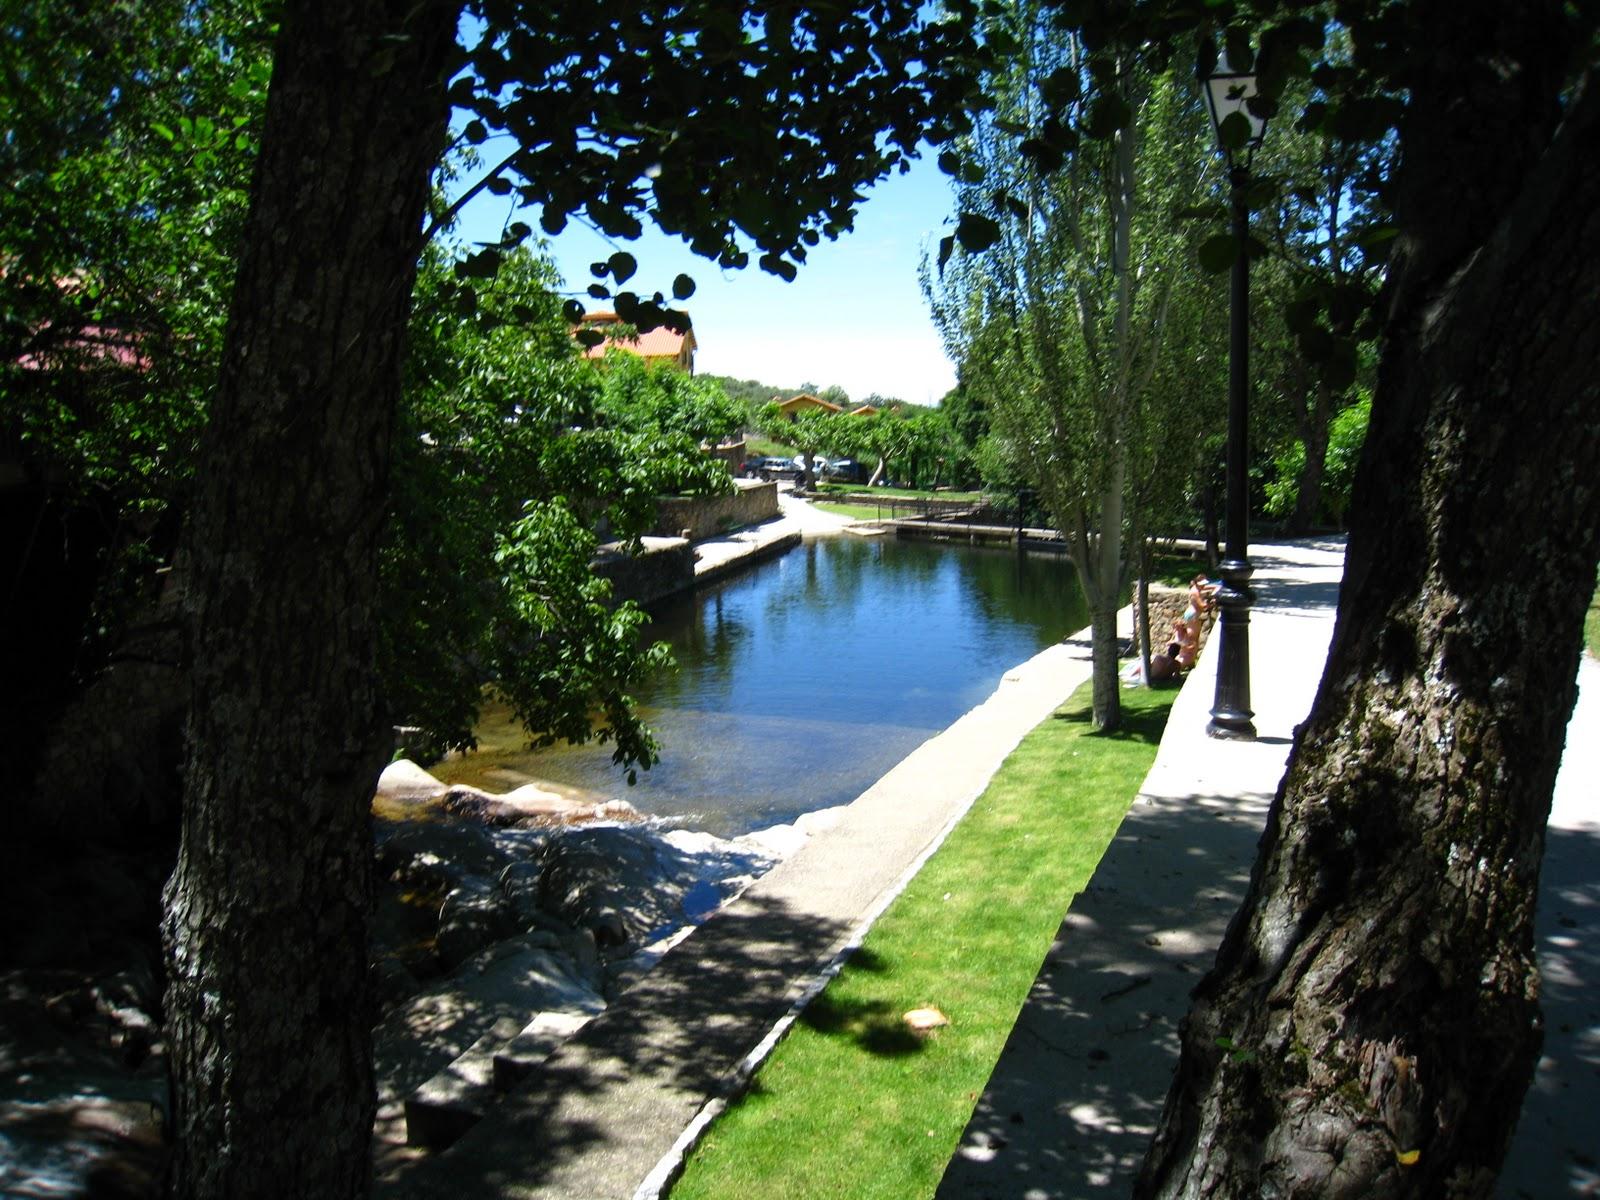 Piscinas naturales casas del monte valle del ambroz for Piscinas naturales extremadura